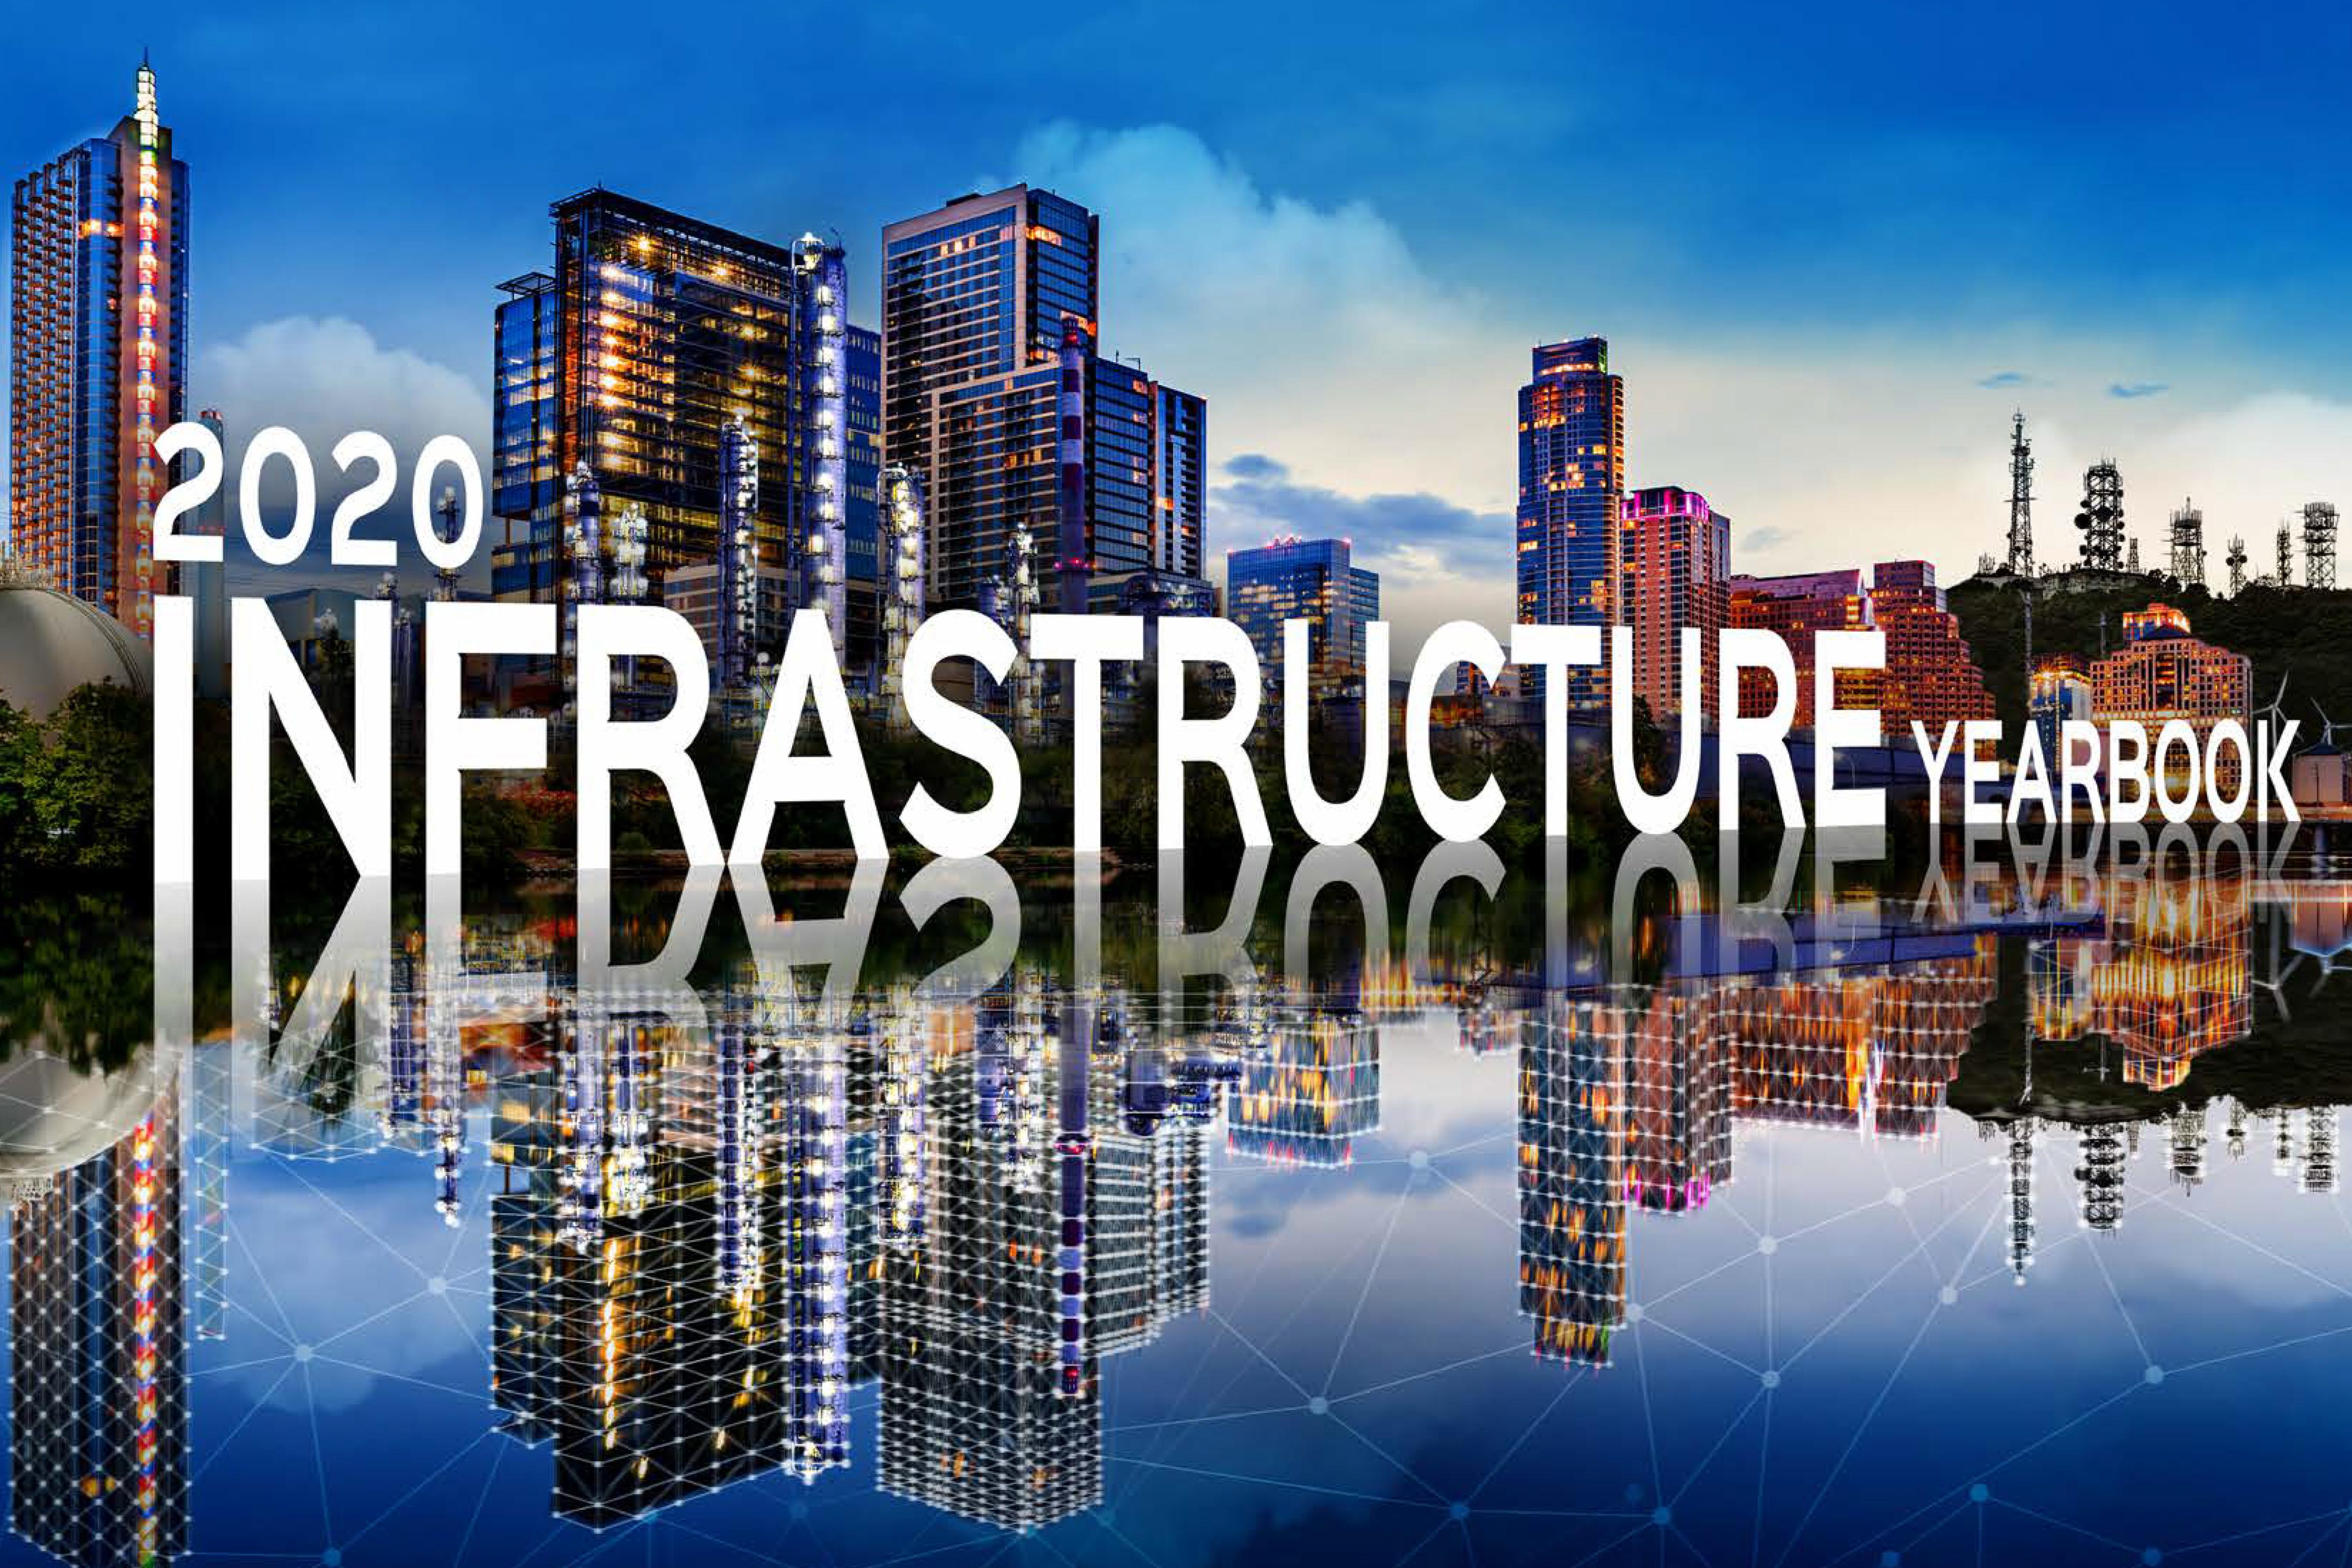 2020 Infrastructure Yearbook